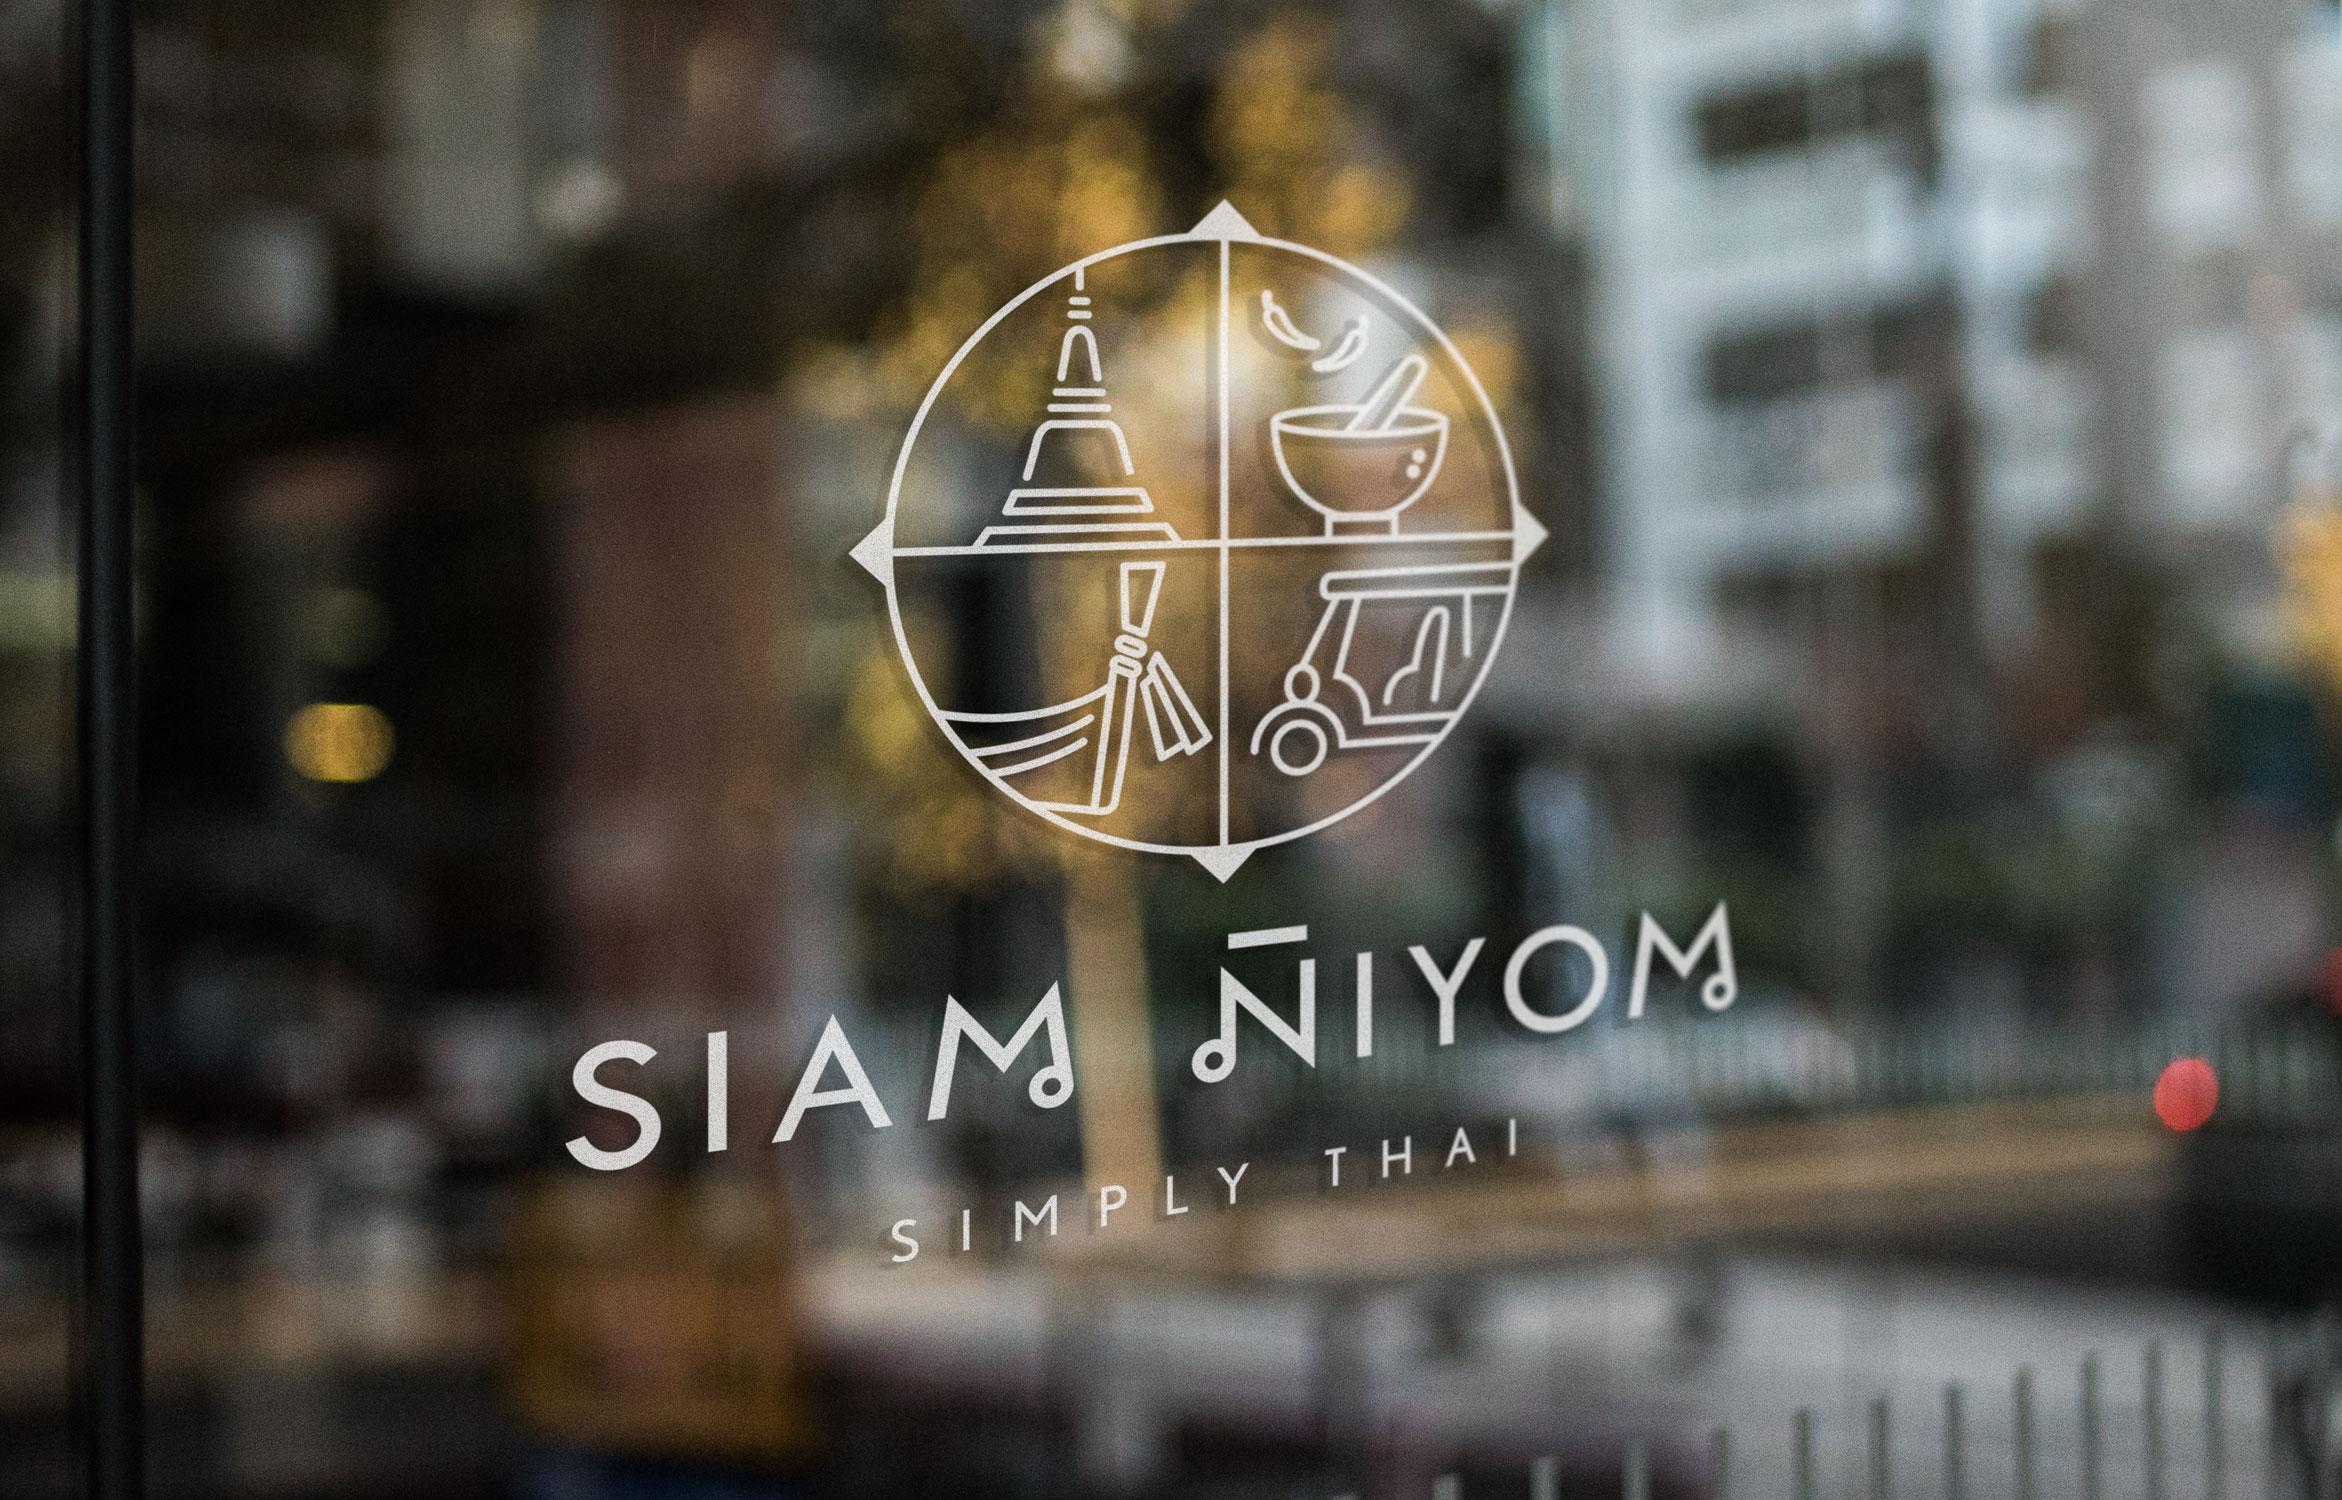 siam-niyom-picture-7